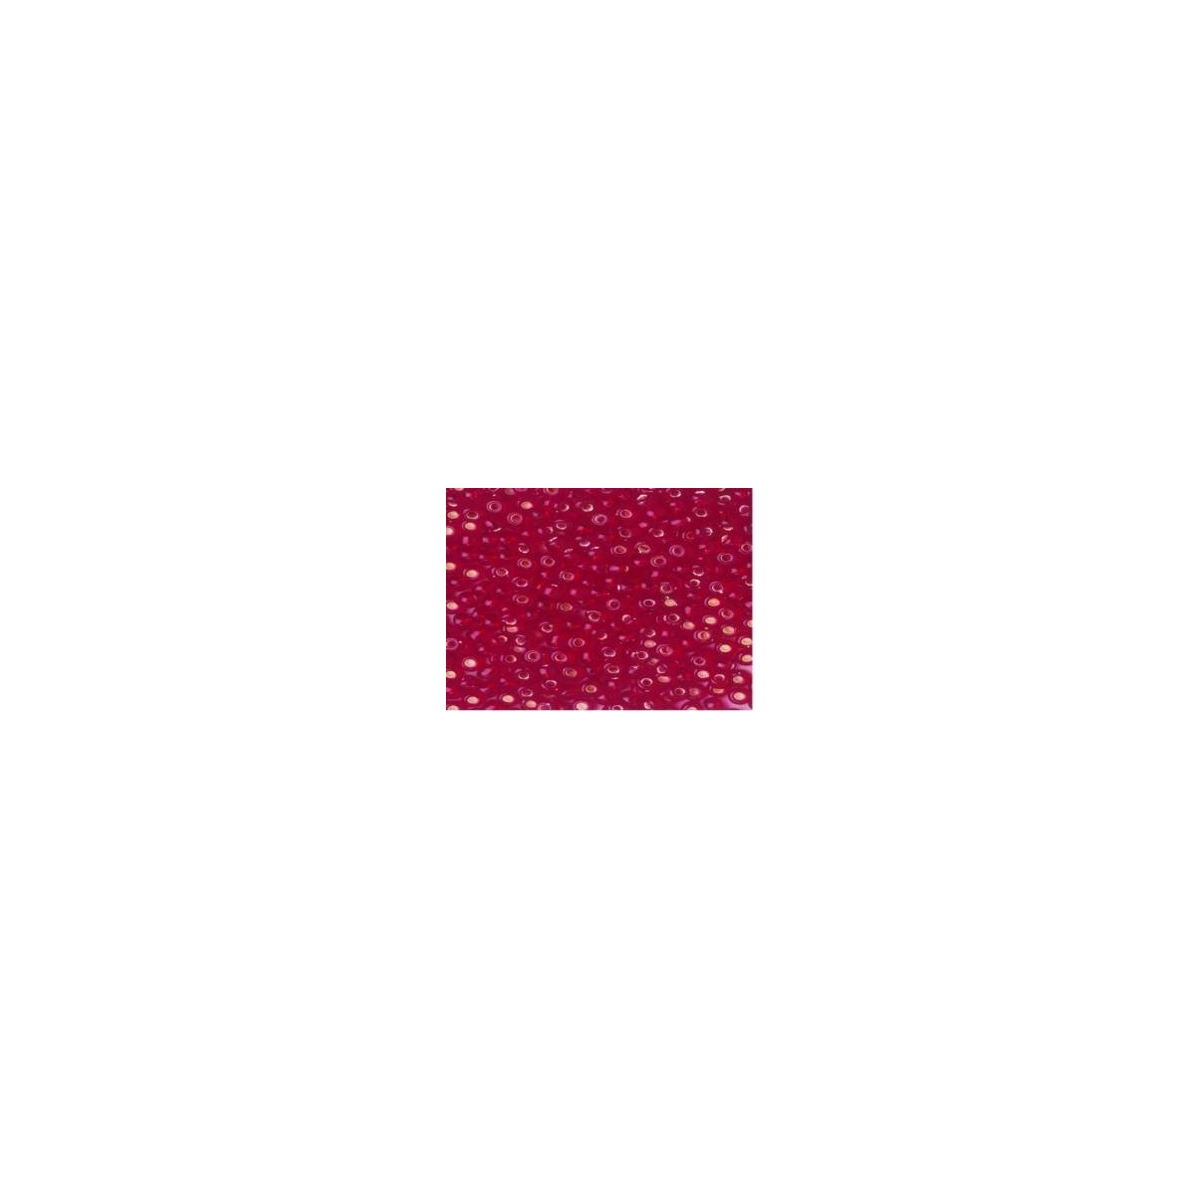 Rocalla nº 1 - Rojo Oscuro Brillante